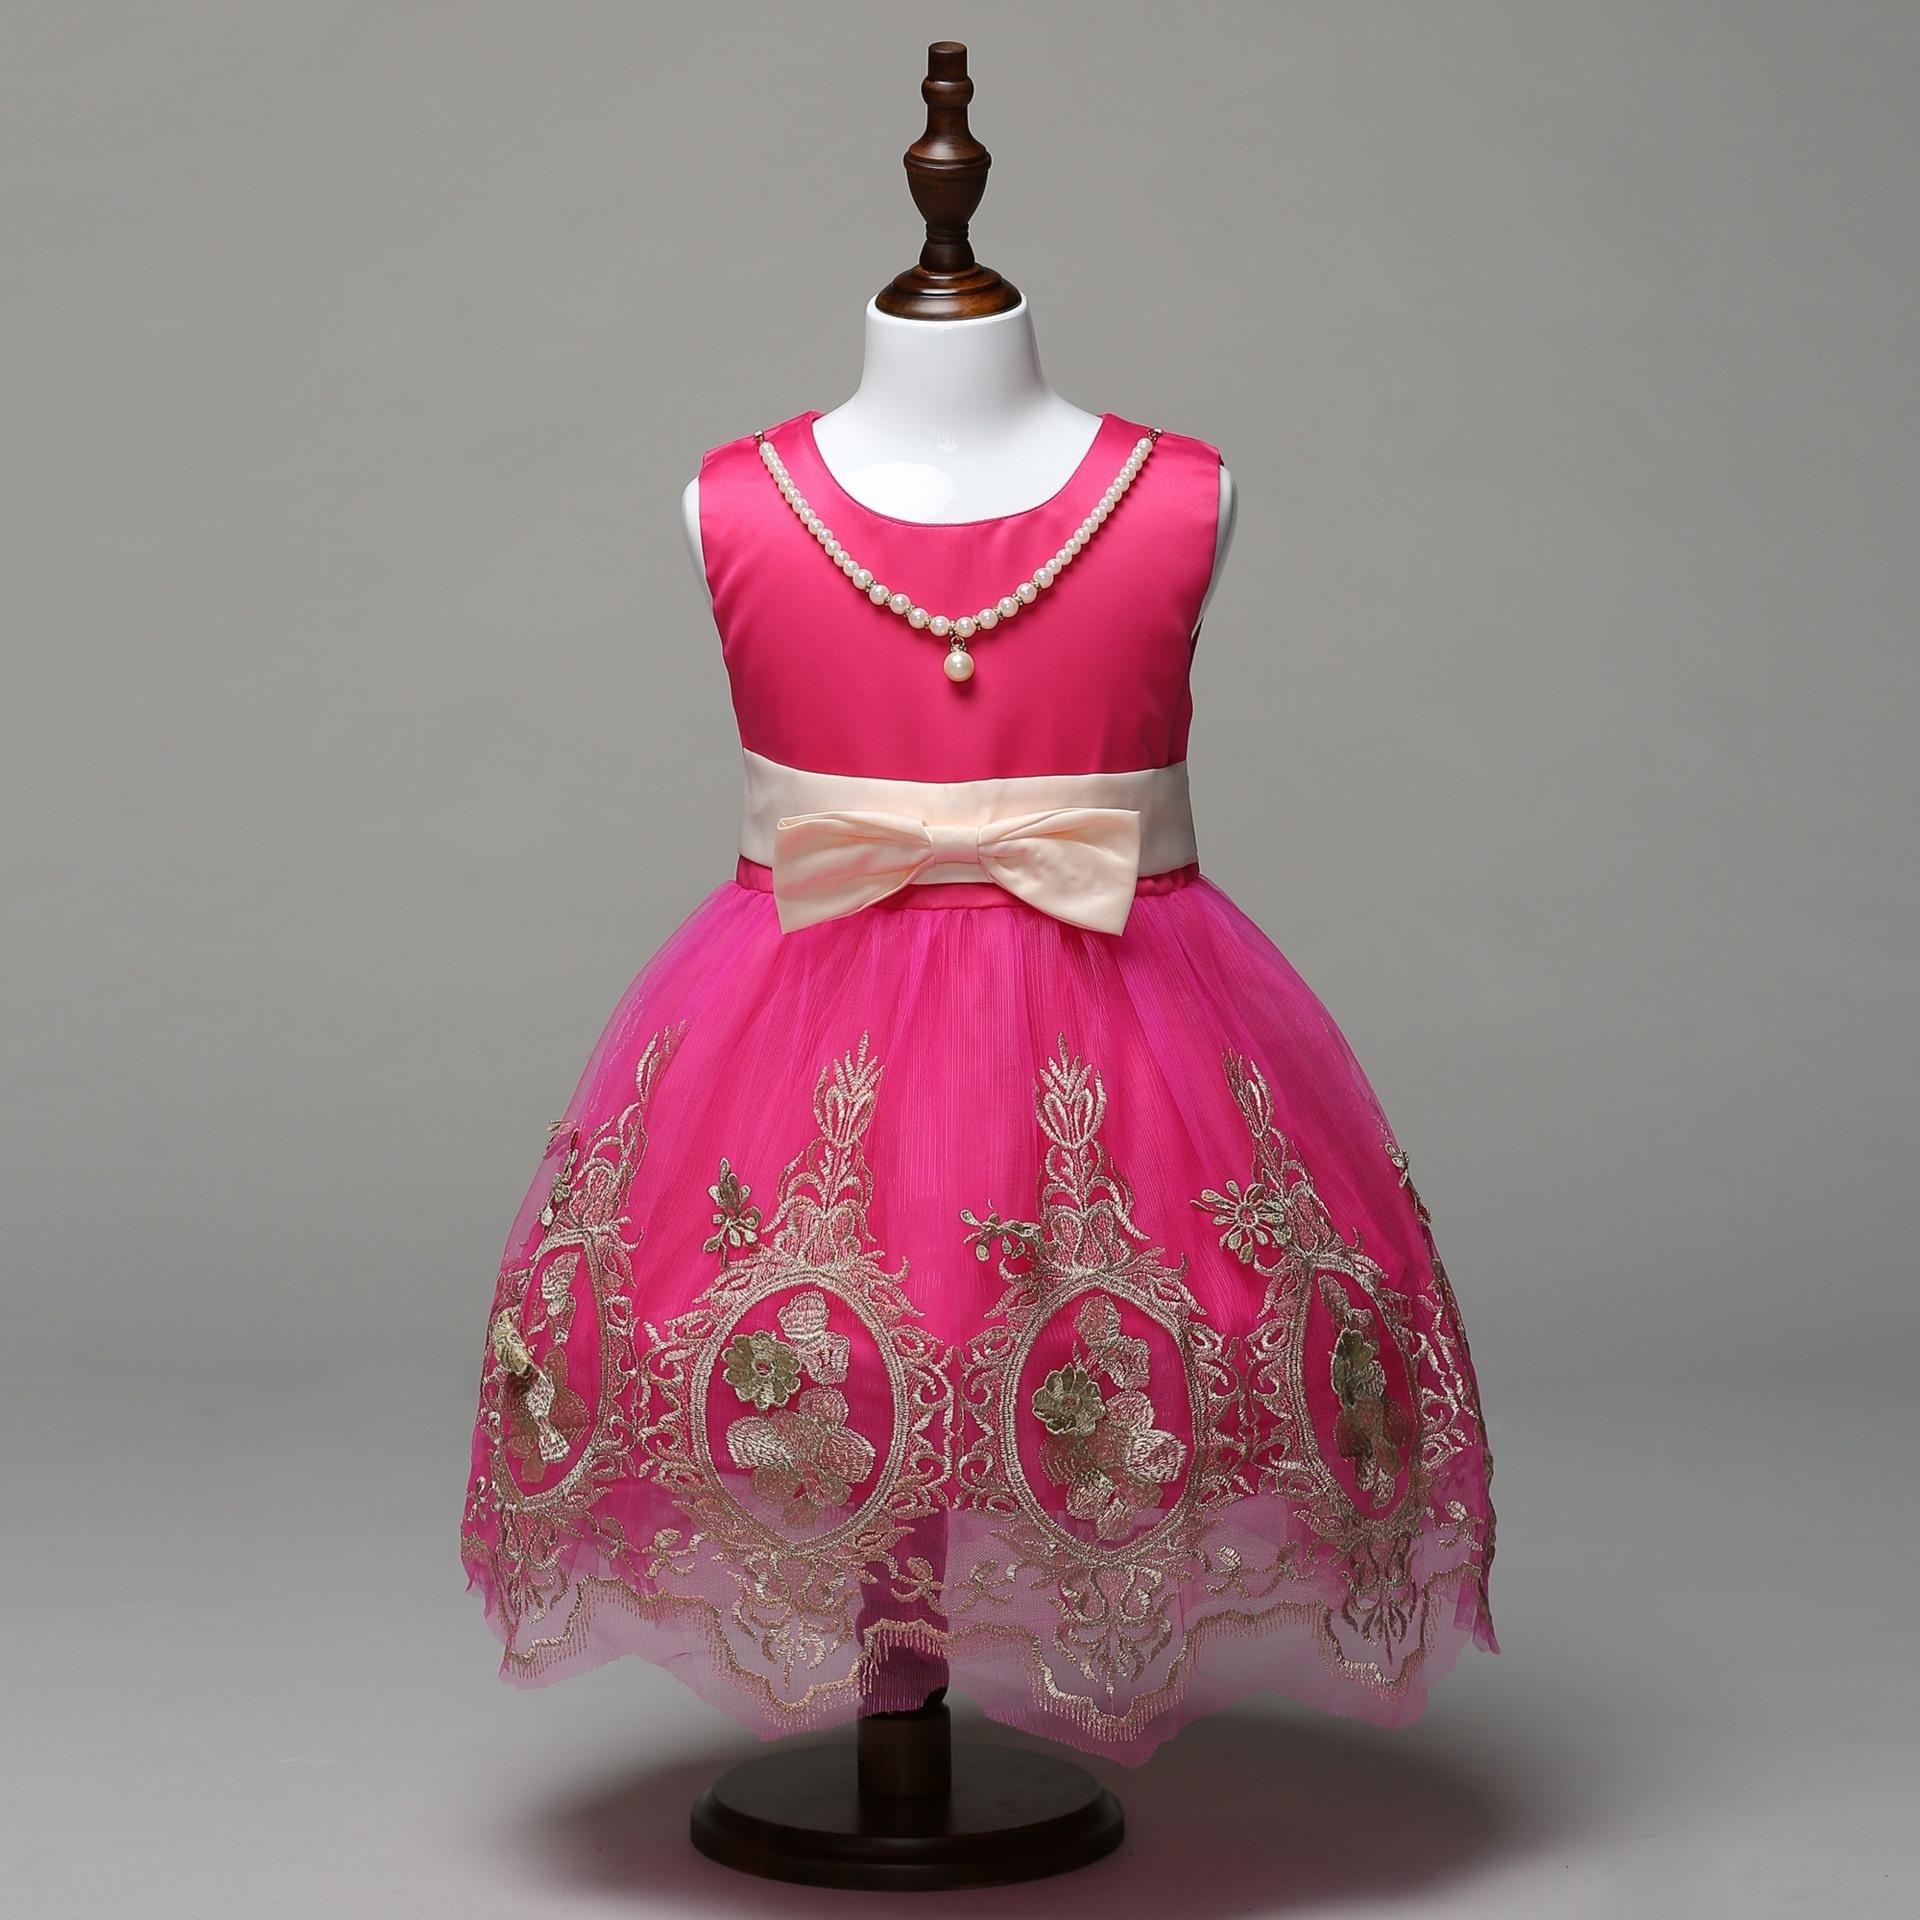 17 Erstaunlich Kleid Für Hochzeit Rot Vertrieb10 Kreativ Kleid Für Hochzeit Rot für 2019